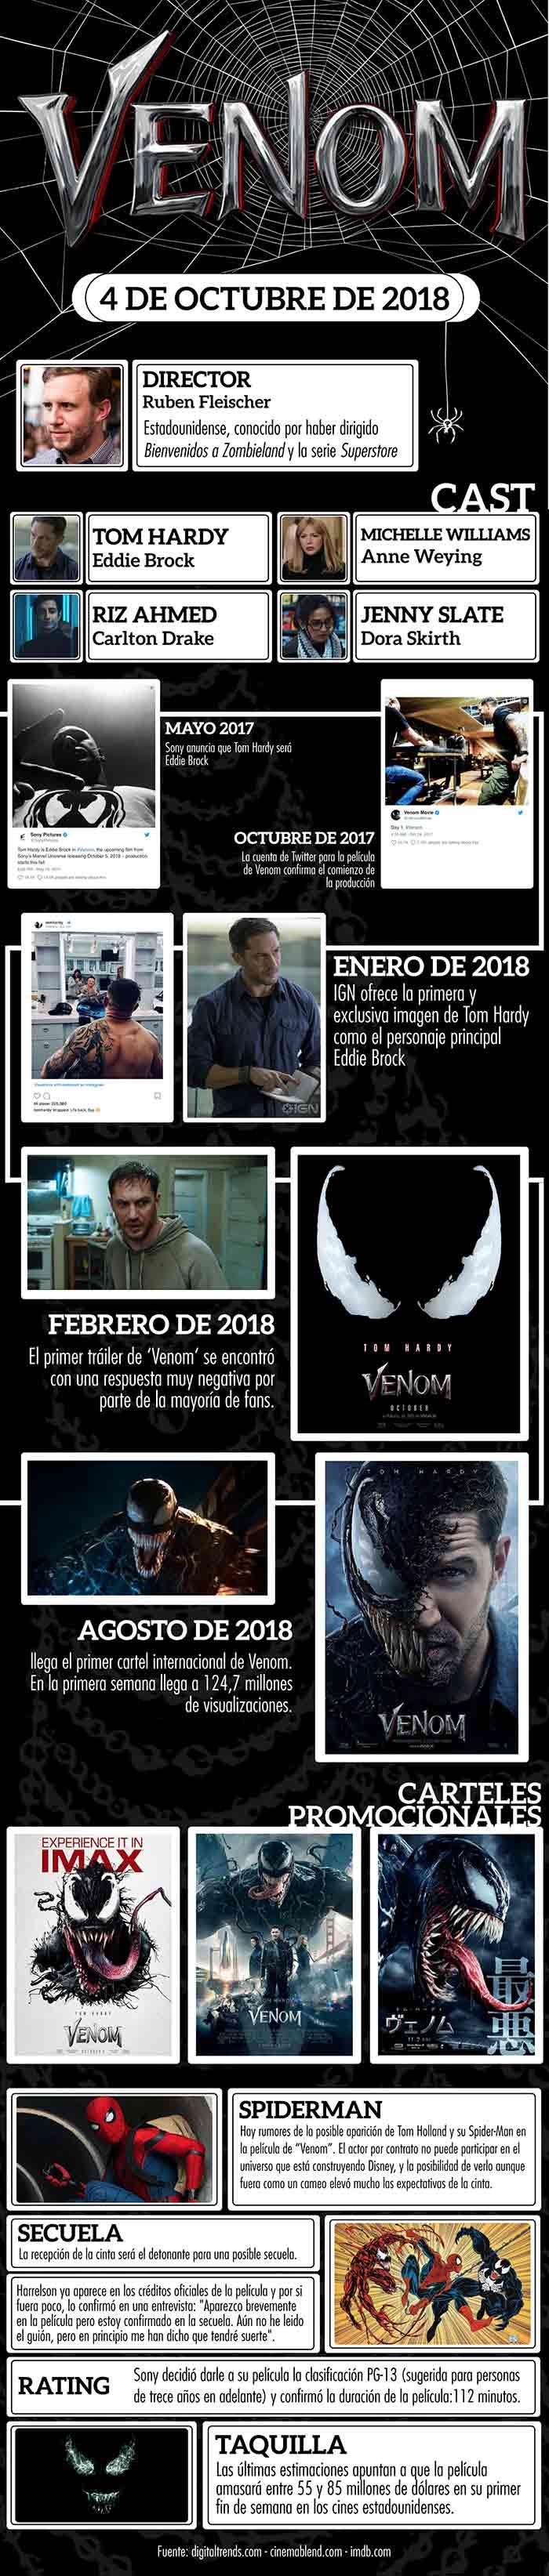 Infografía de Venom (2018)